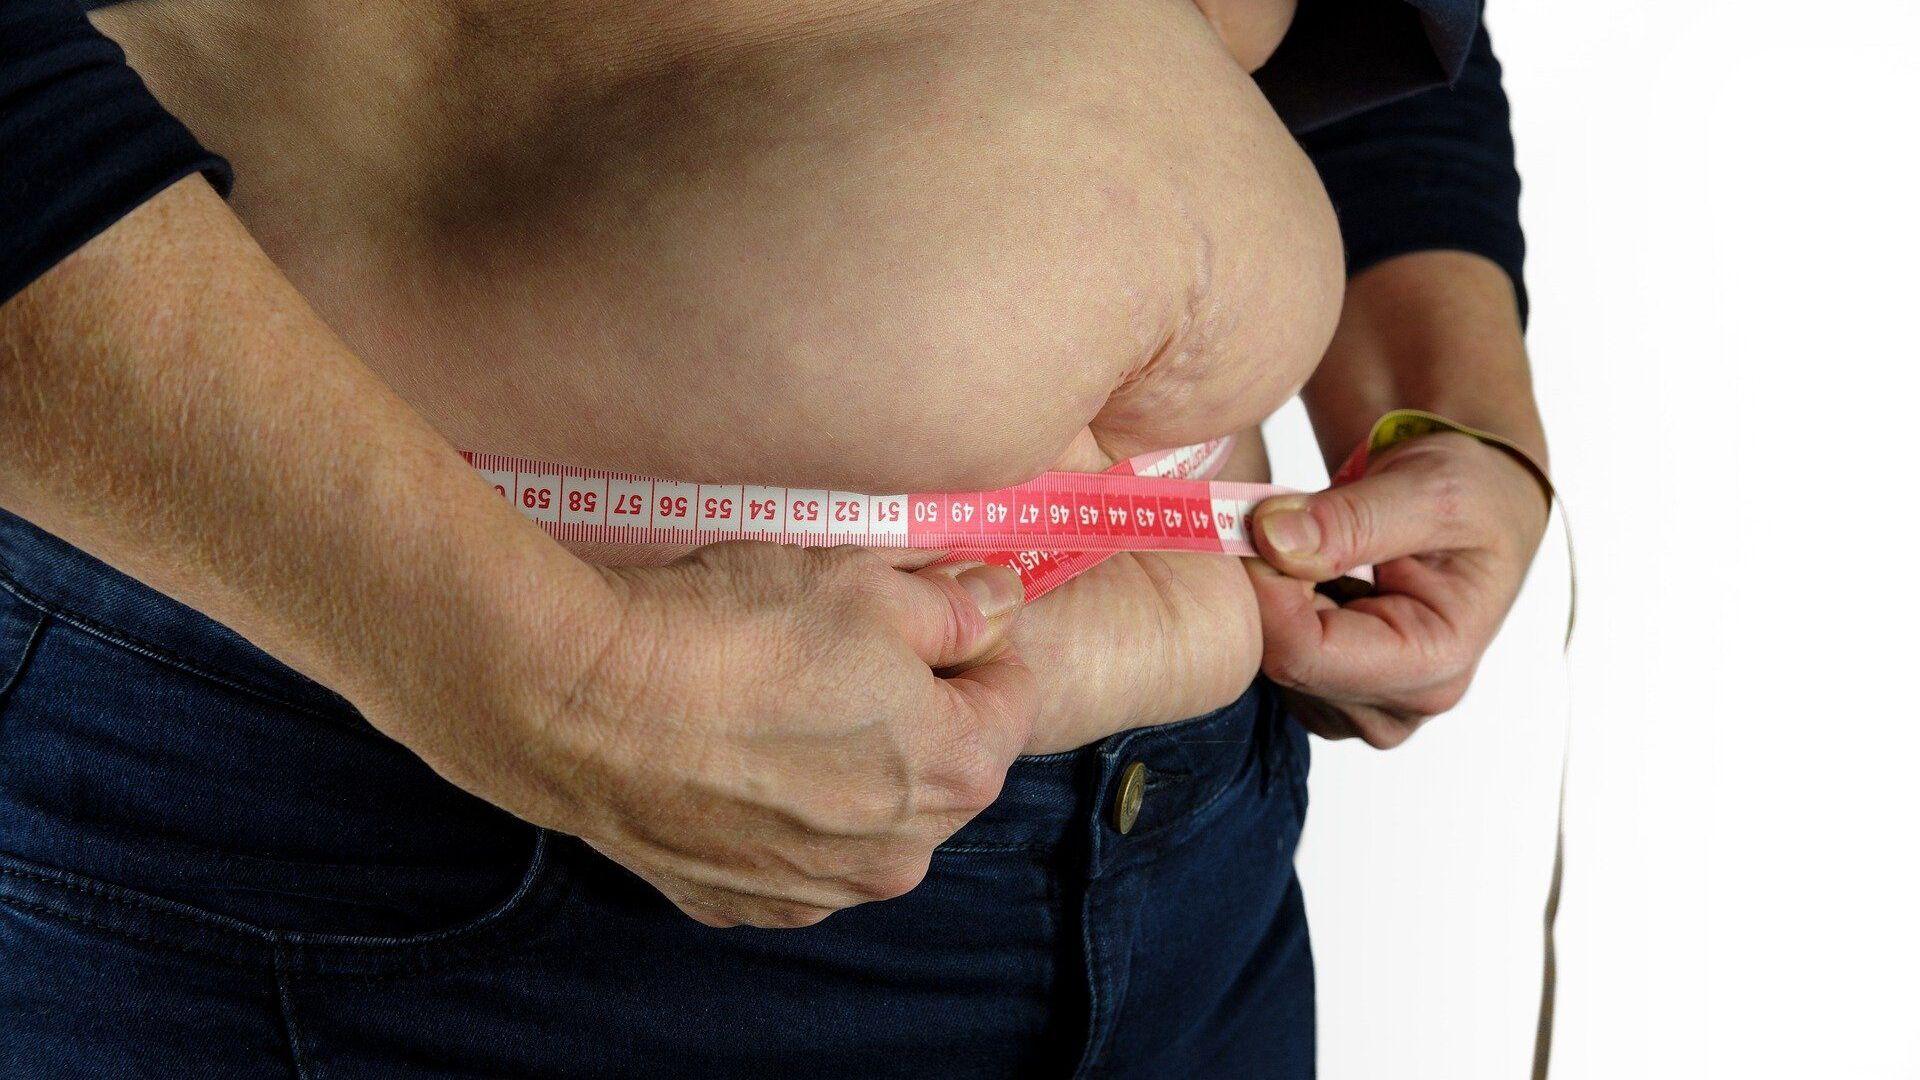 Una persona se mide la barriga con una cinta métrica - Sputnik Mundo, 1920, 11.01.2021